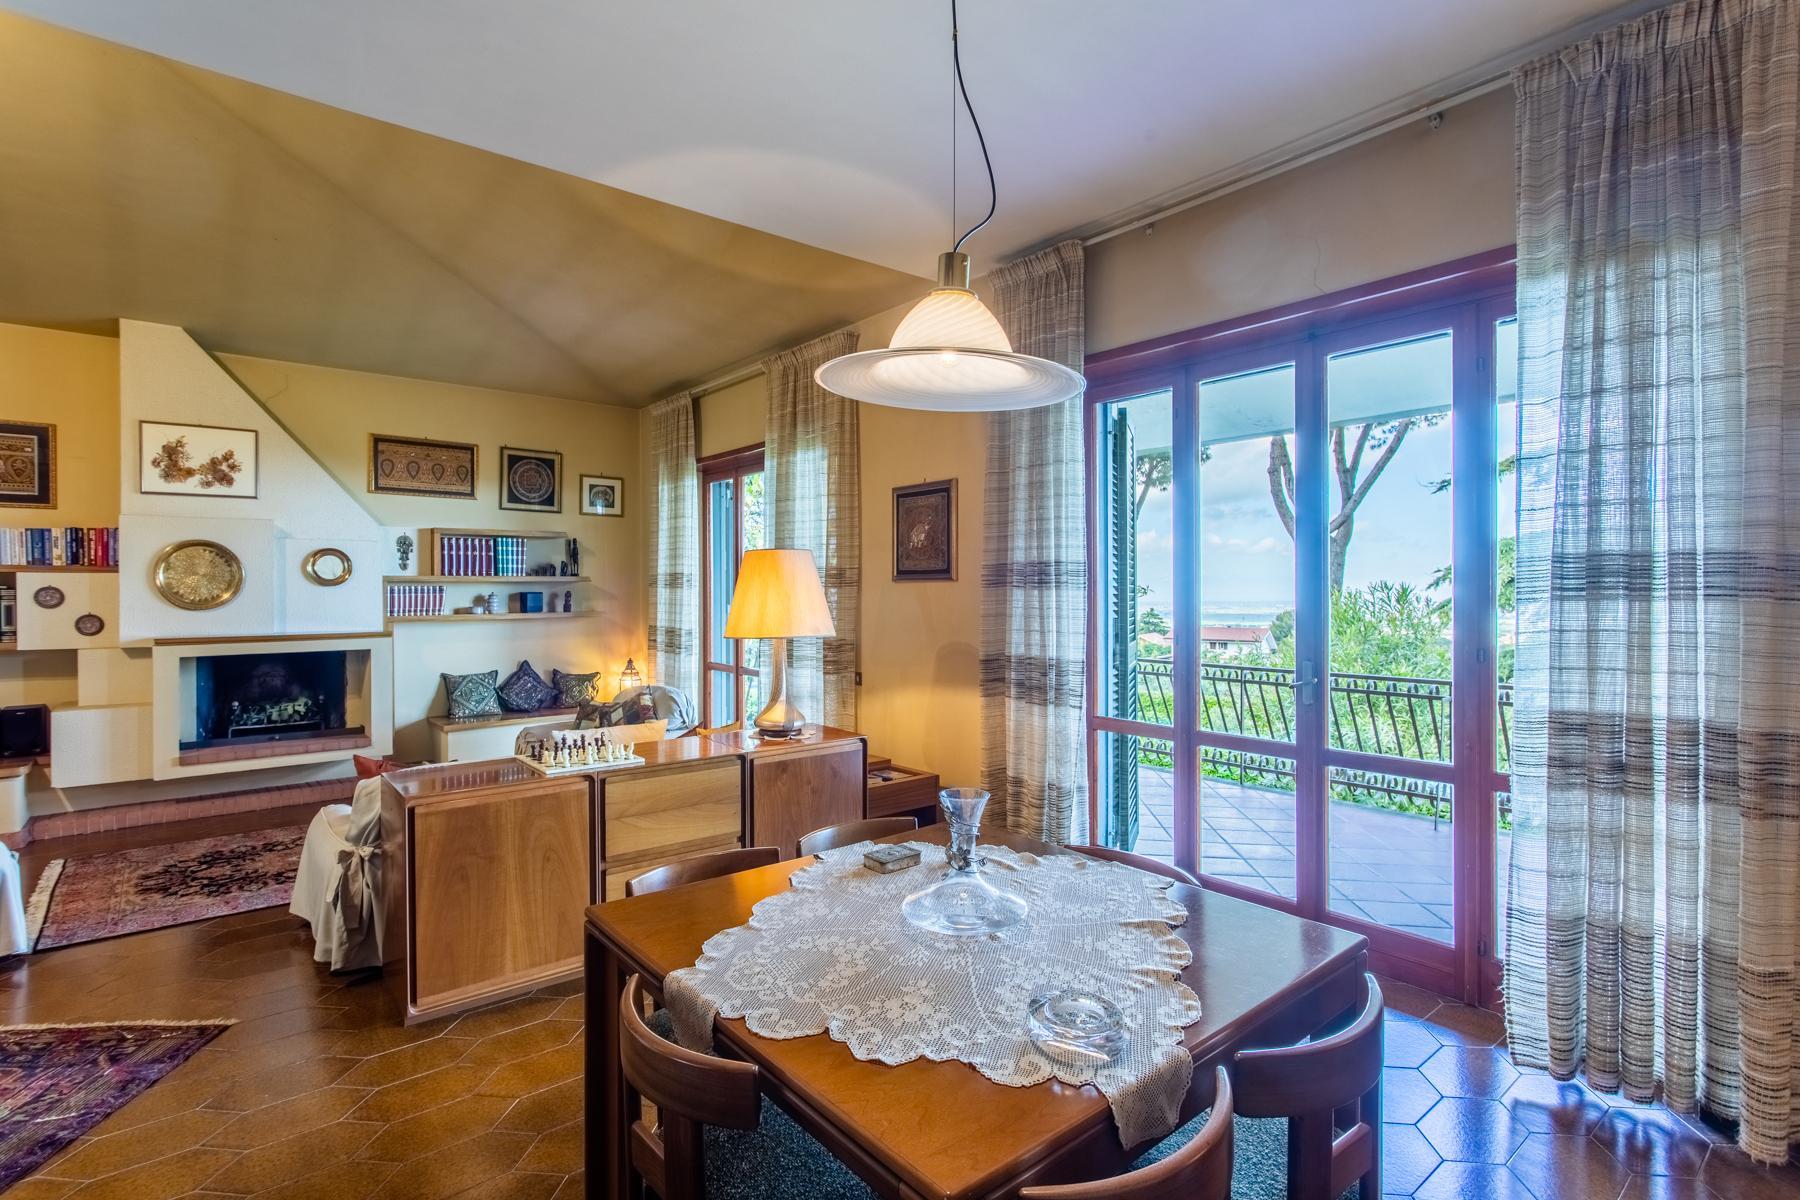 Charming Villa near Castel Gandolfo - 2